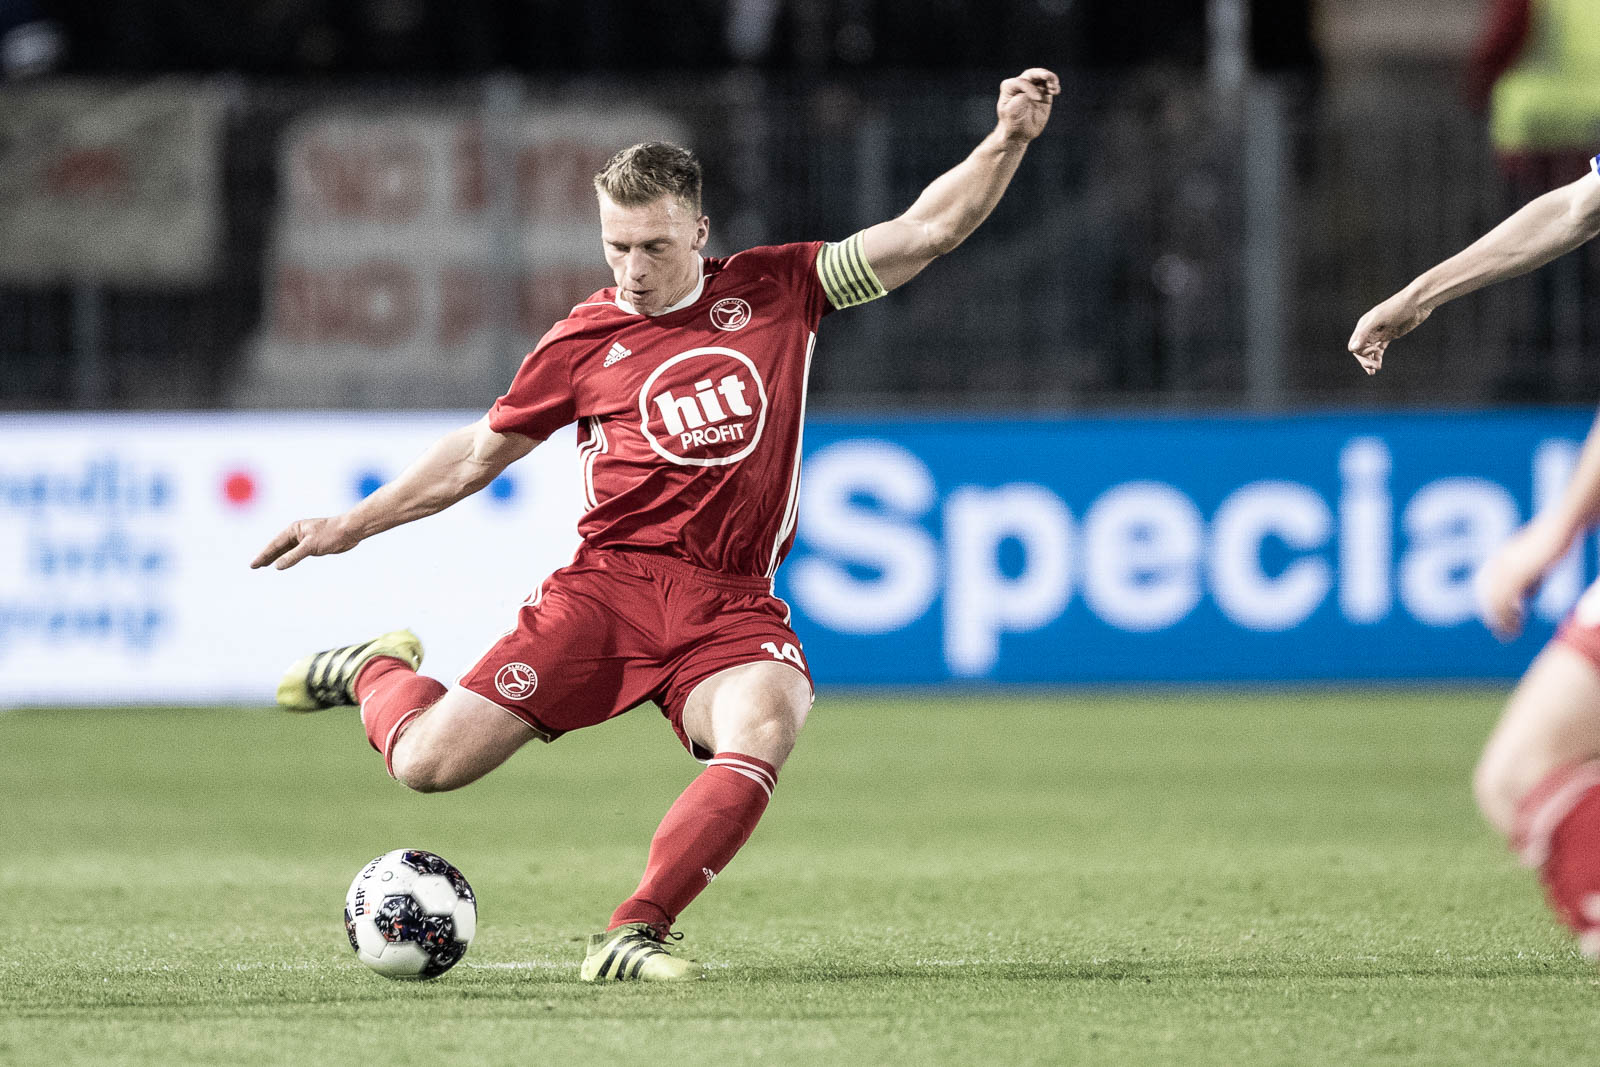 Laatste puntje op de i zetten tegen Jong Ajax